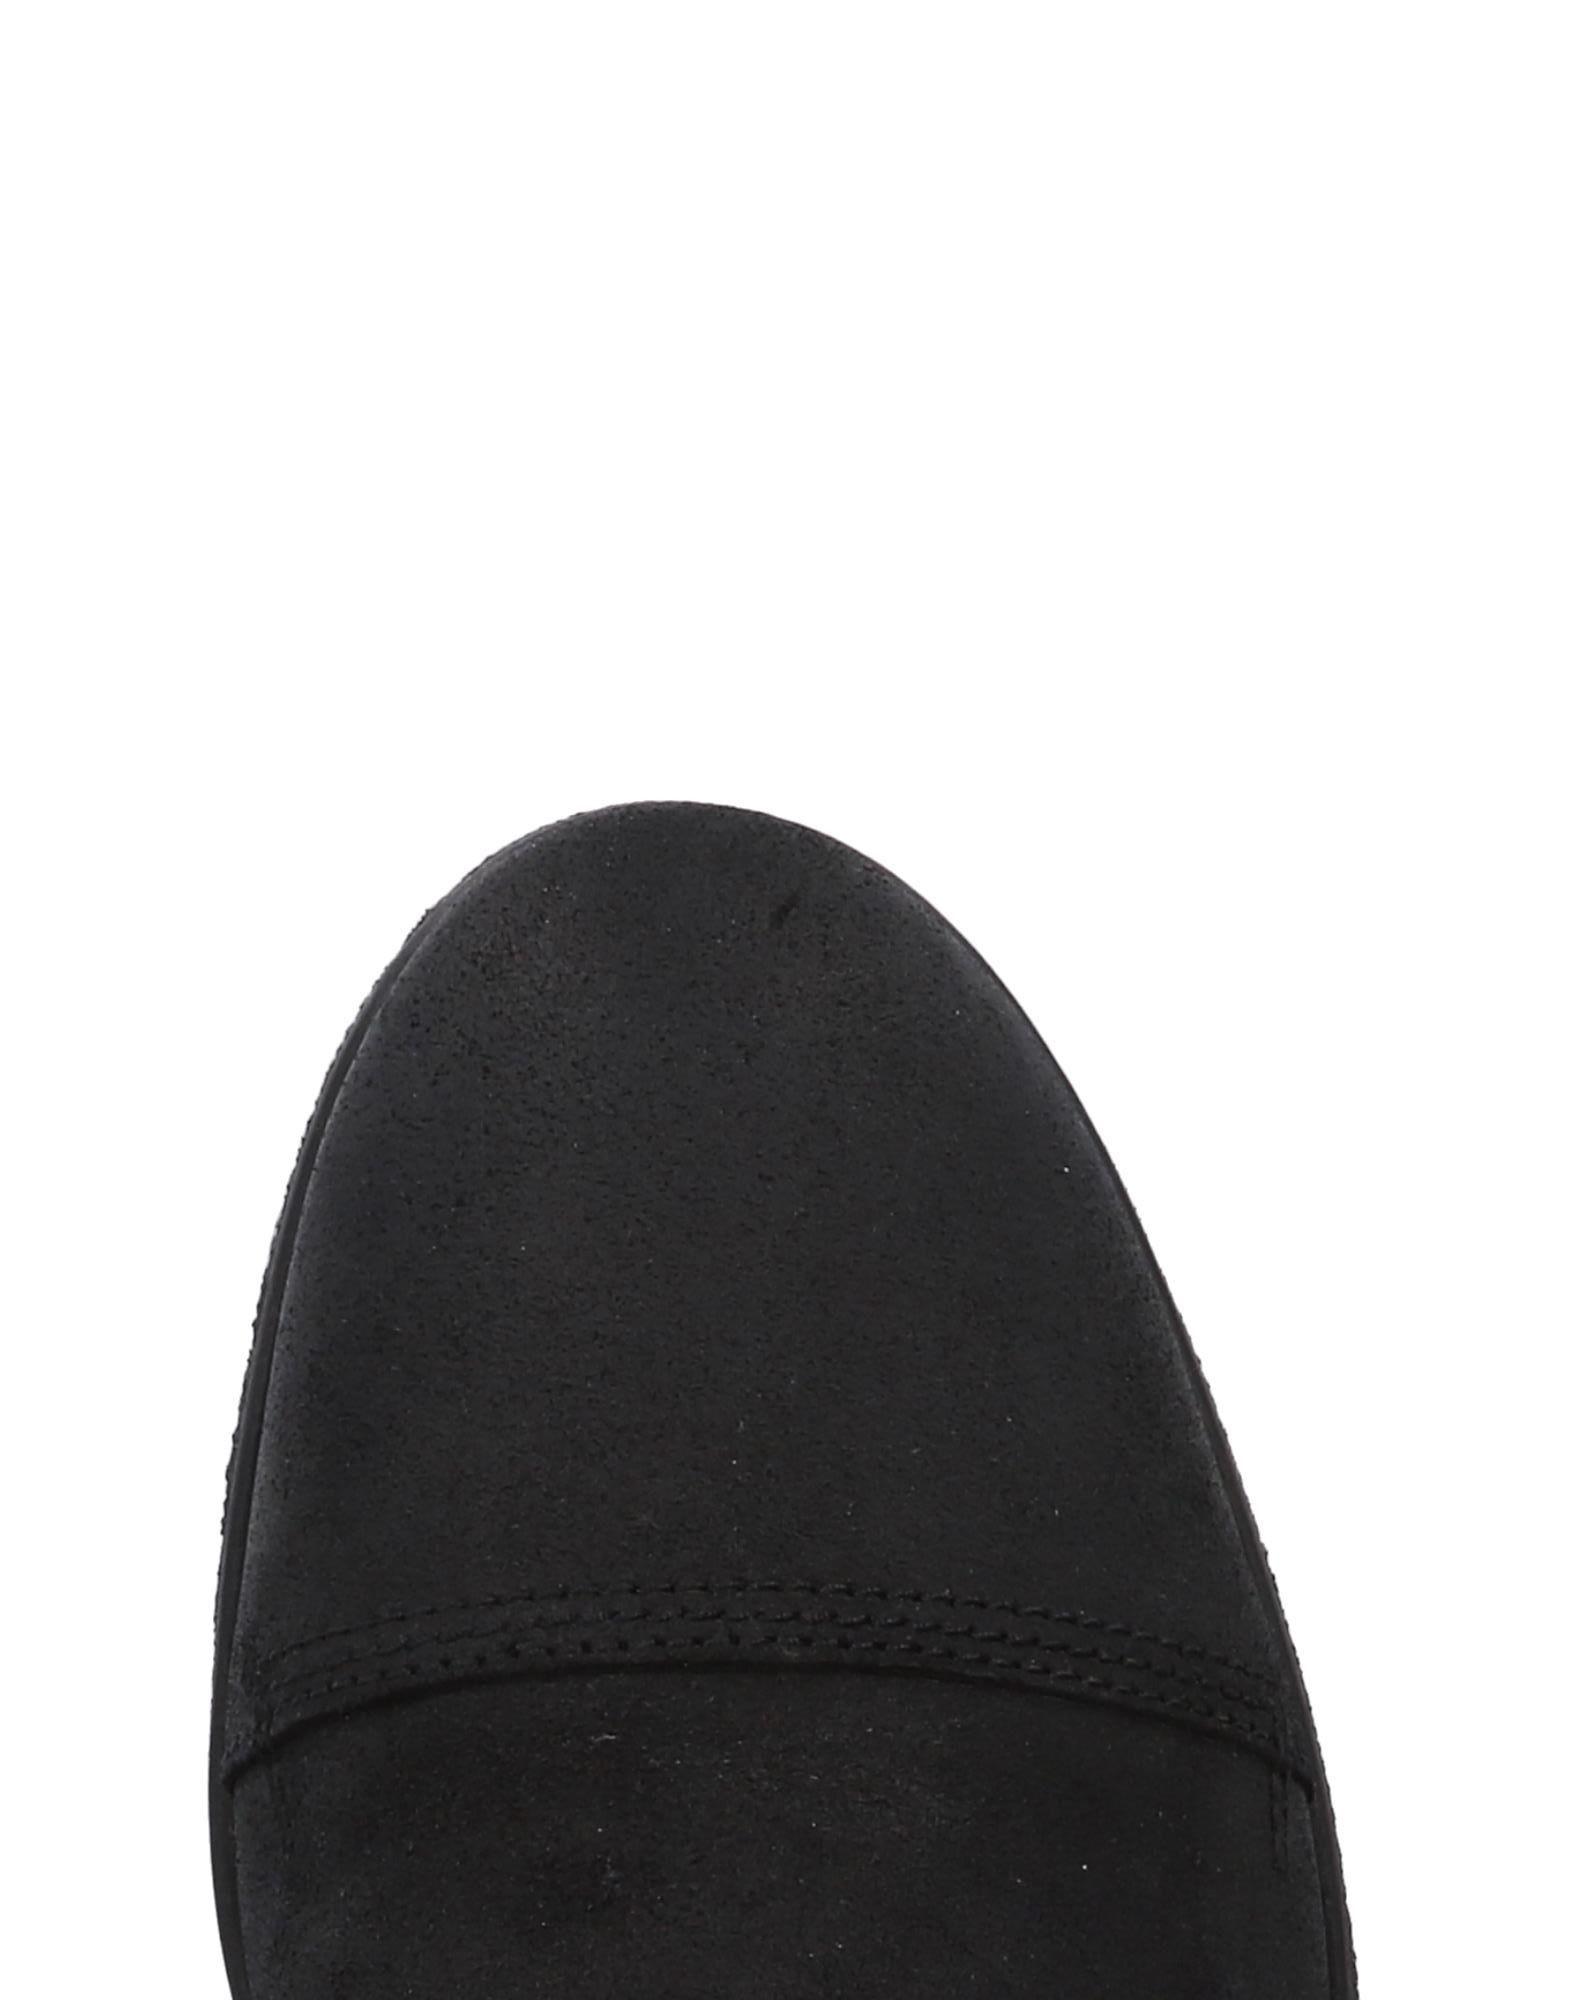 Diesel Schnürschuhe Schuhe Herren  11491373TK Heiße Schuhe Schnürschuhe cf00bb